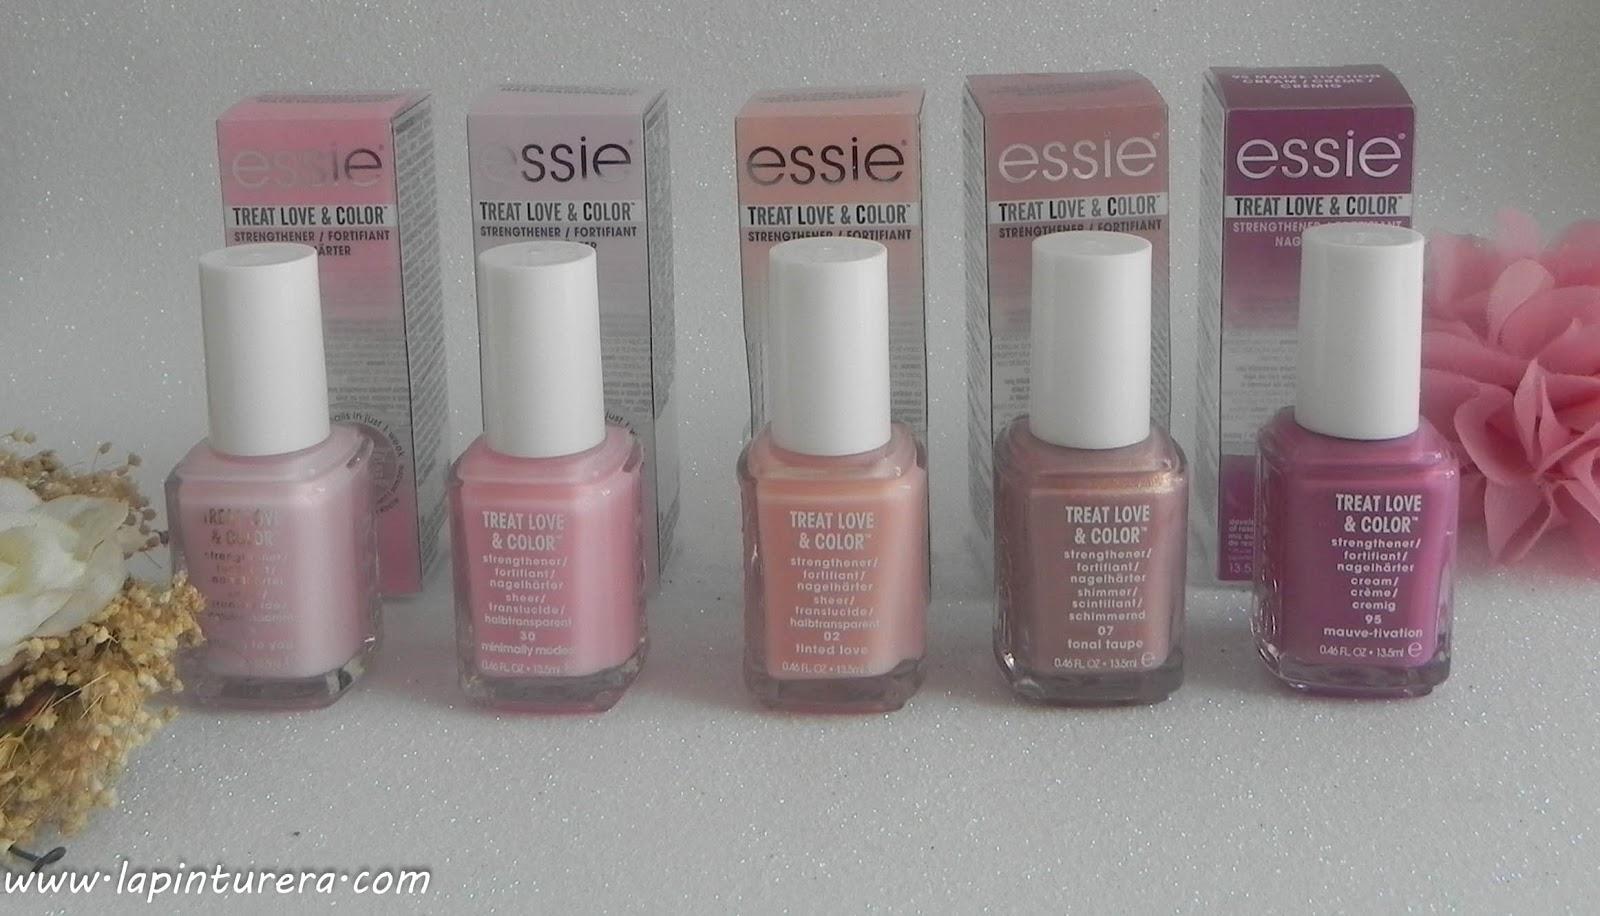 LAPINTURERA - Blog de cosmética, maquillaje y belleza.: Essie Treat ...